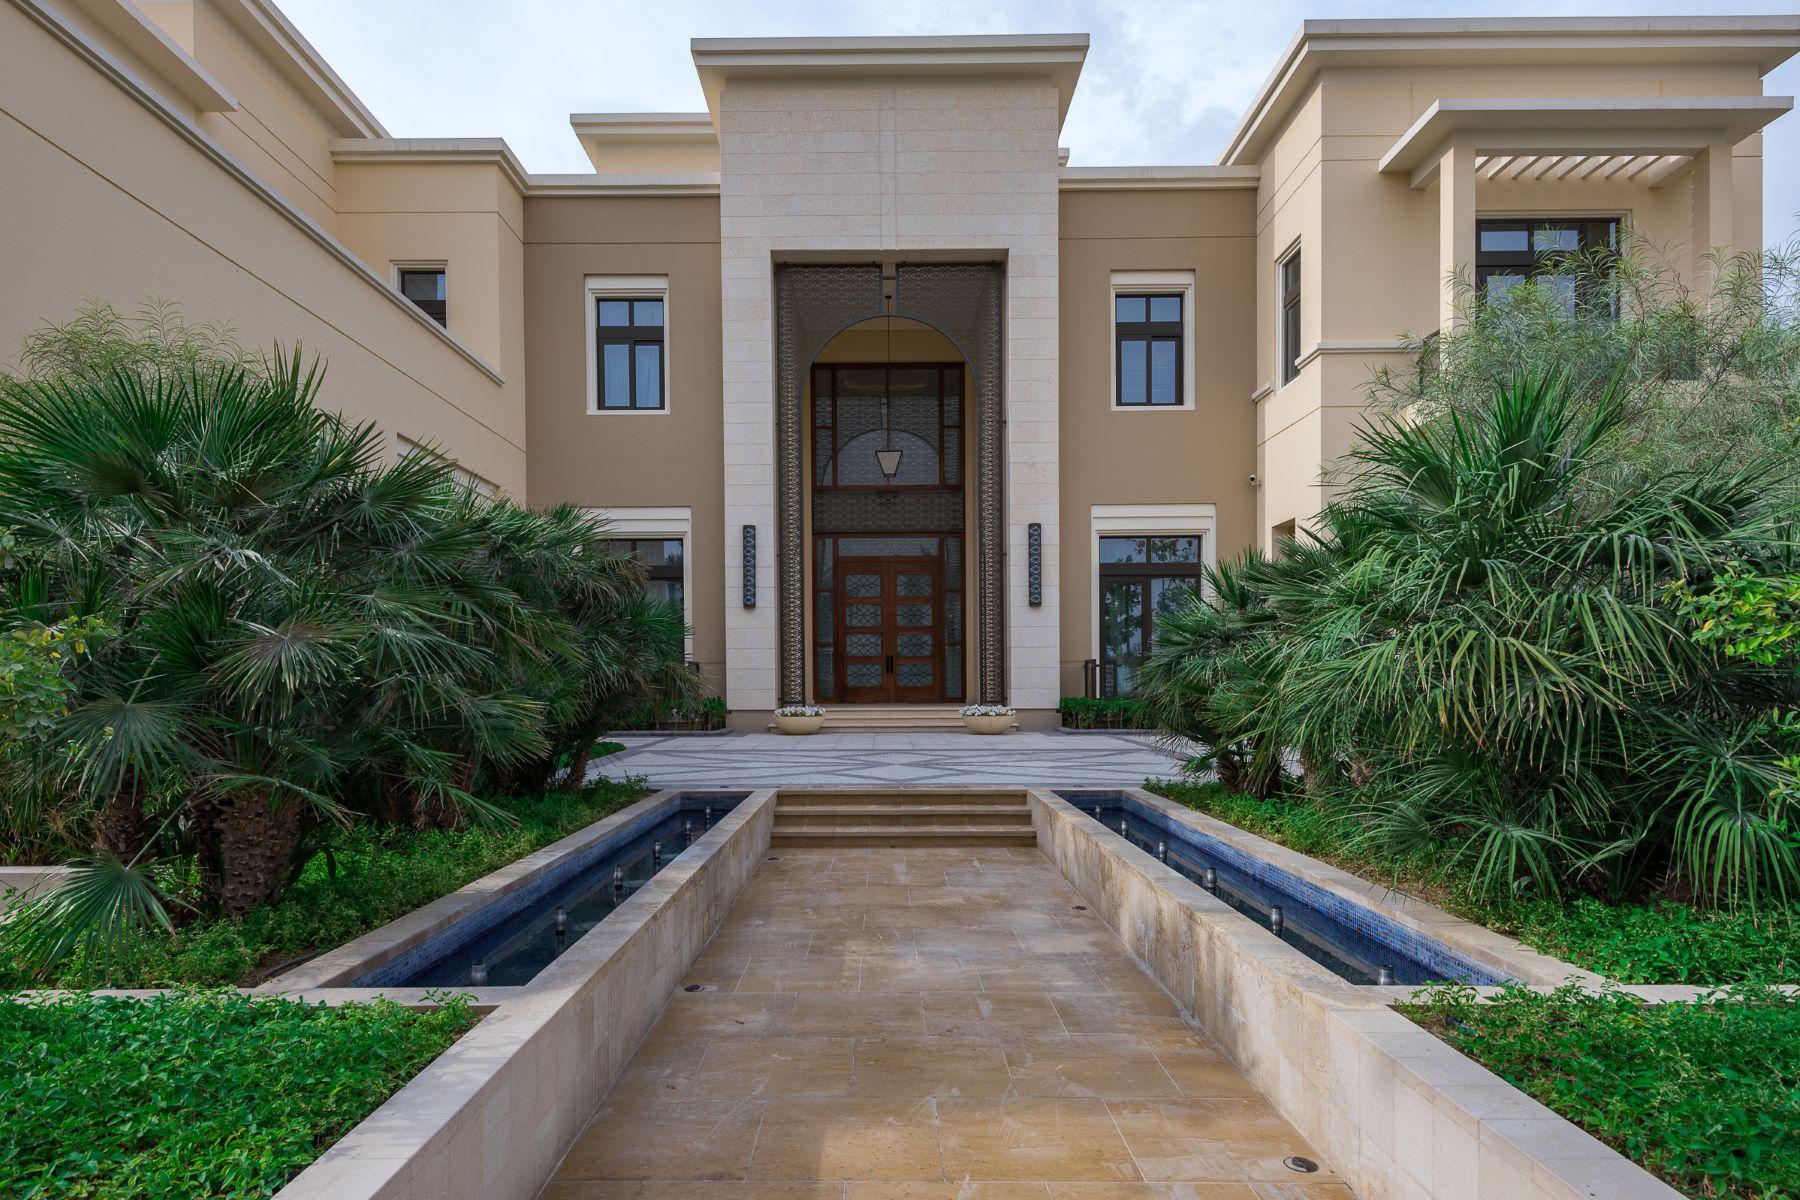 Single Family Home for Sale at MEGA MANSION Prime Location 50% Discount Other Dubai, Dubai United Arab Emirates